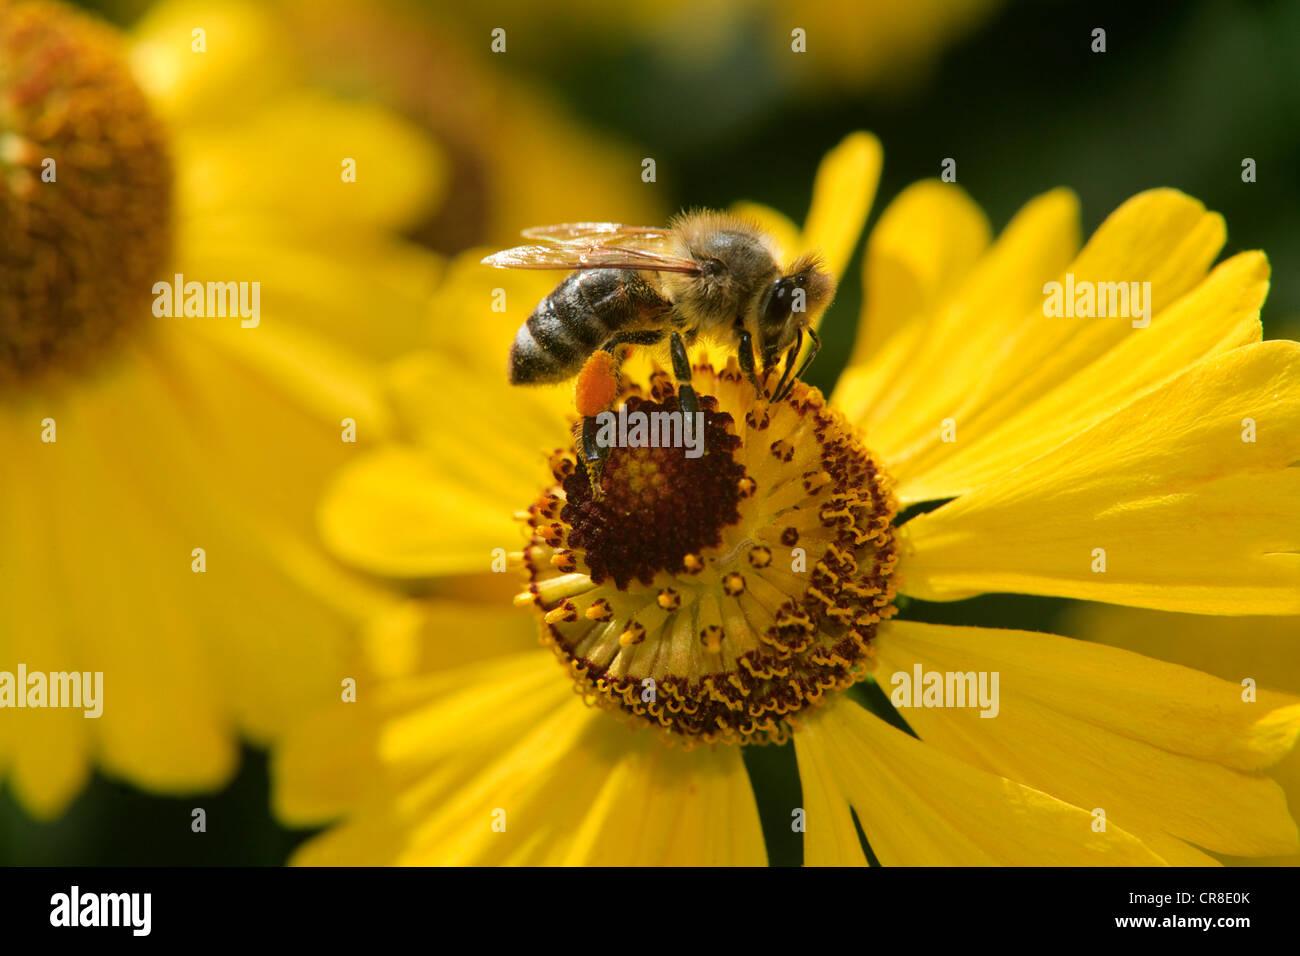 Abeille à miel (Apis mellifera), imago, la collecte du pollen, l'Allemagne, de l'Europe Photo Stock